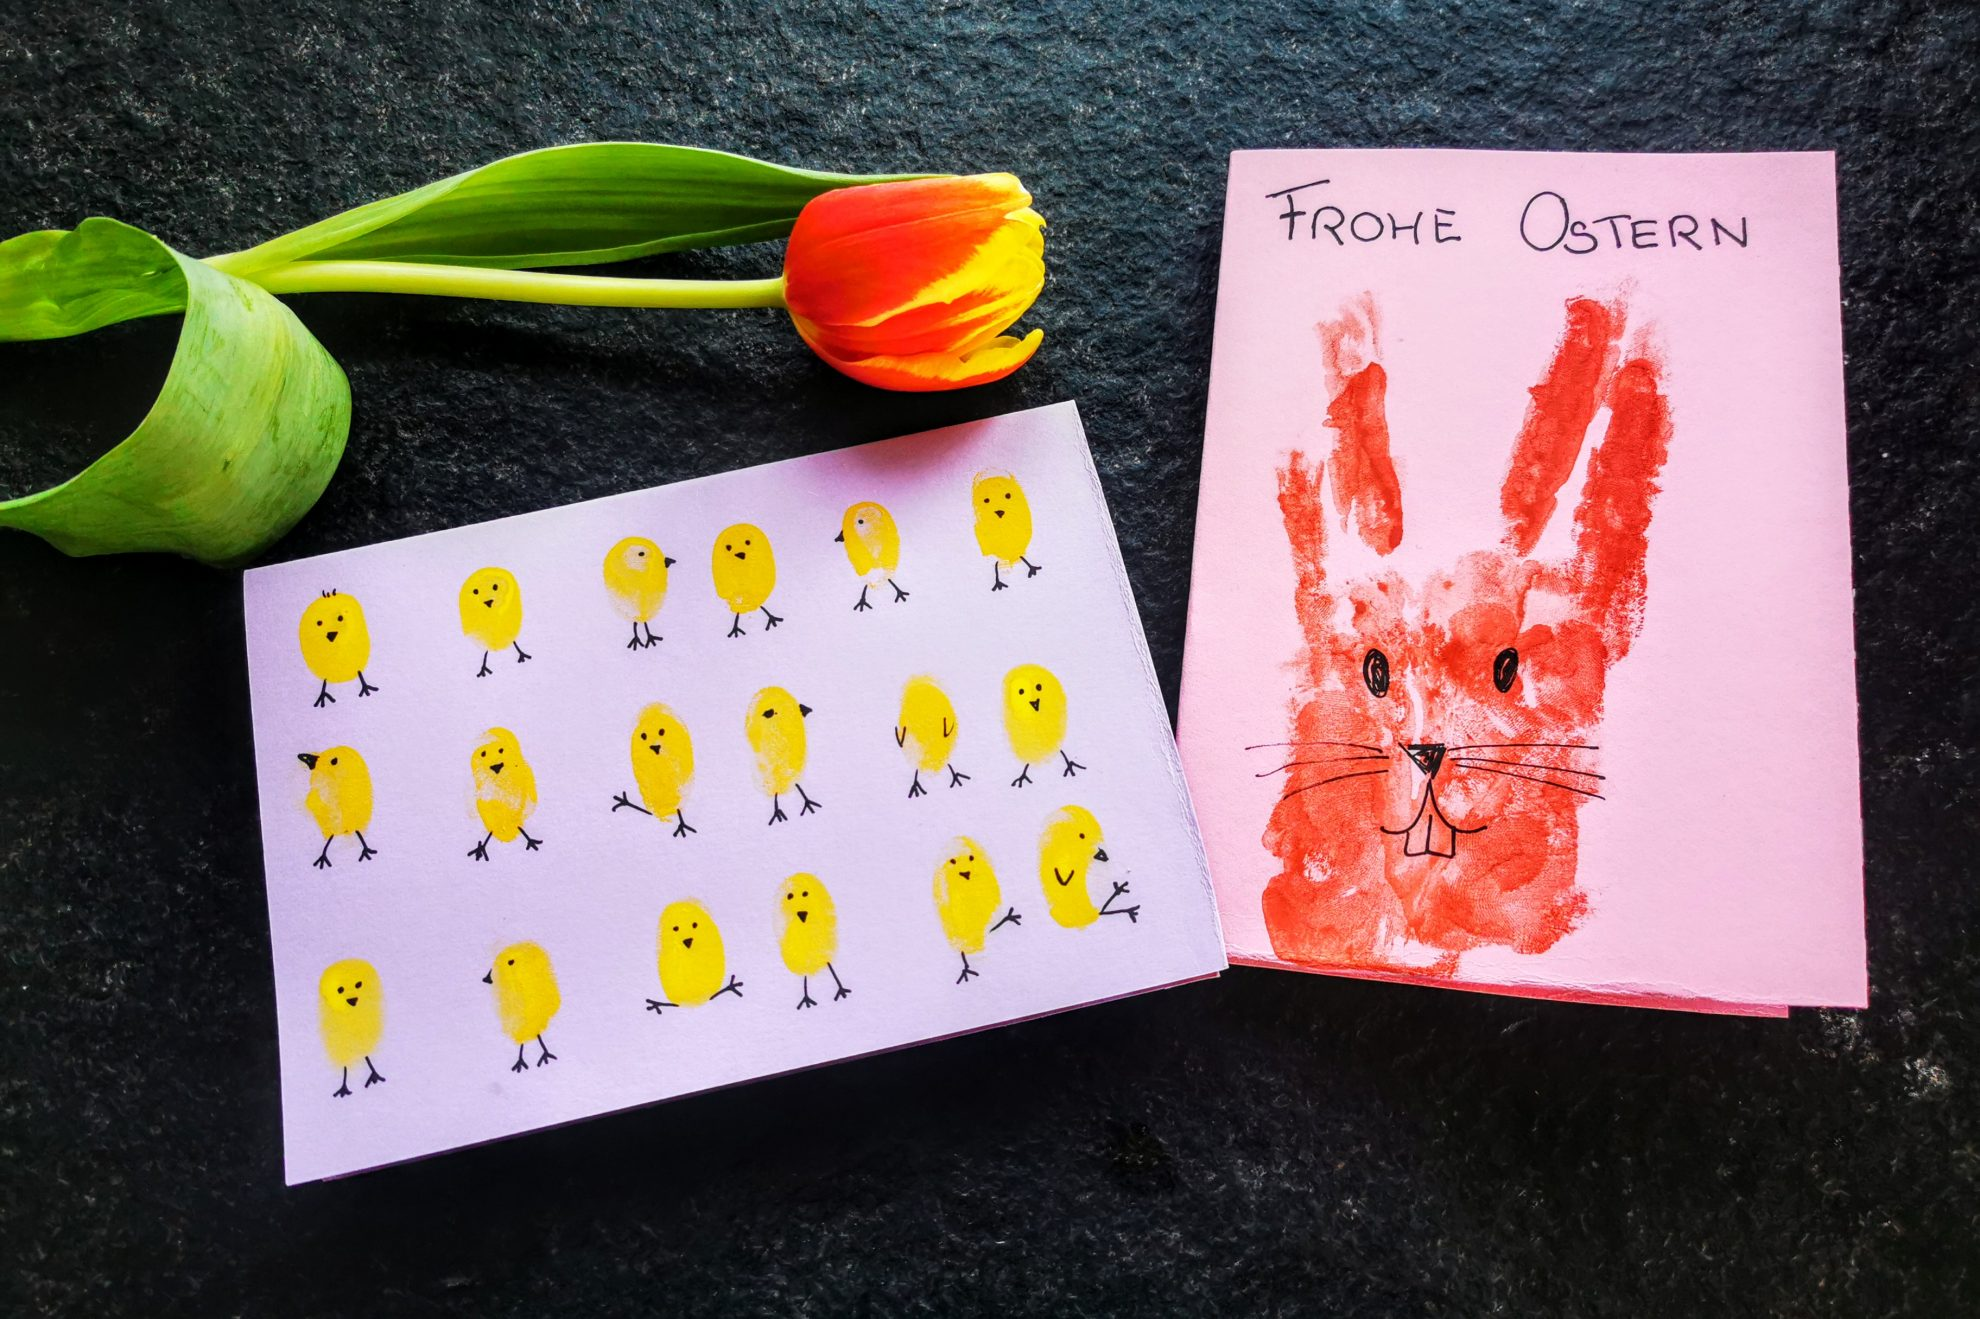 So einfach kannst du individuelle und schöne Osterkarten basteln mit Fingerabdrücken und Handabdrücken. Ein einfaches DIY für zwischendurch.